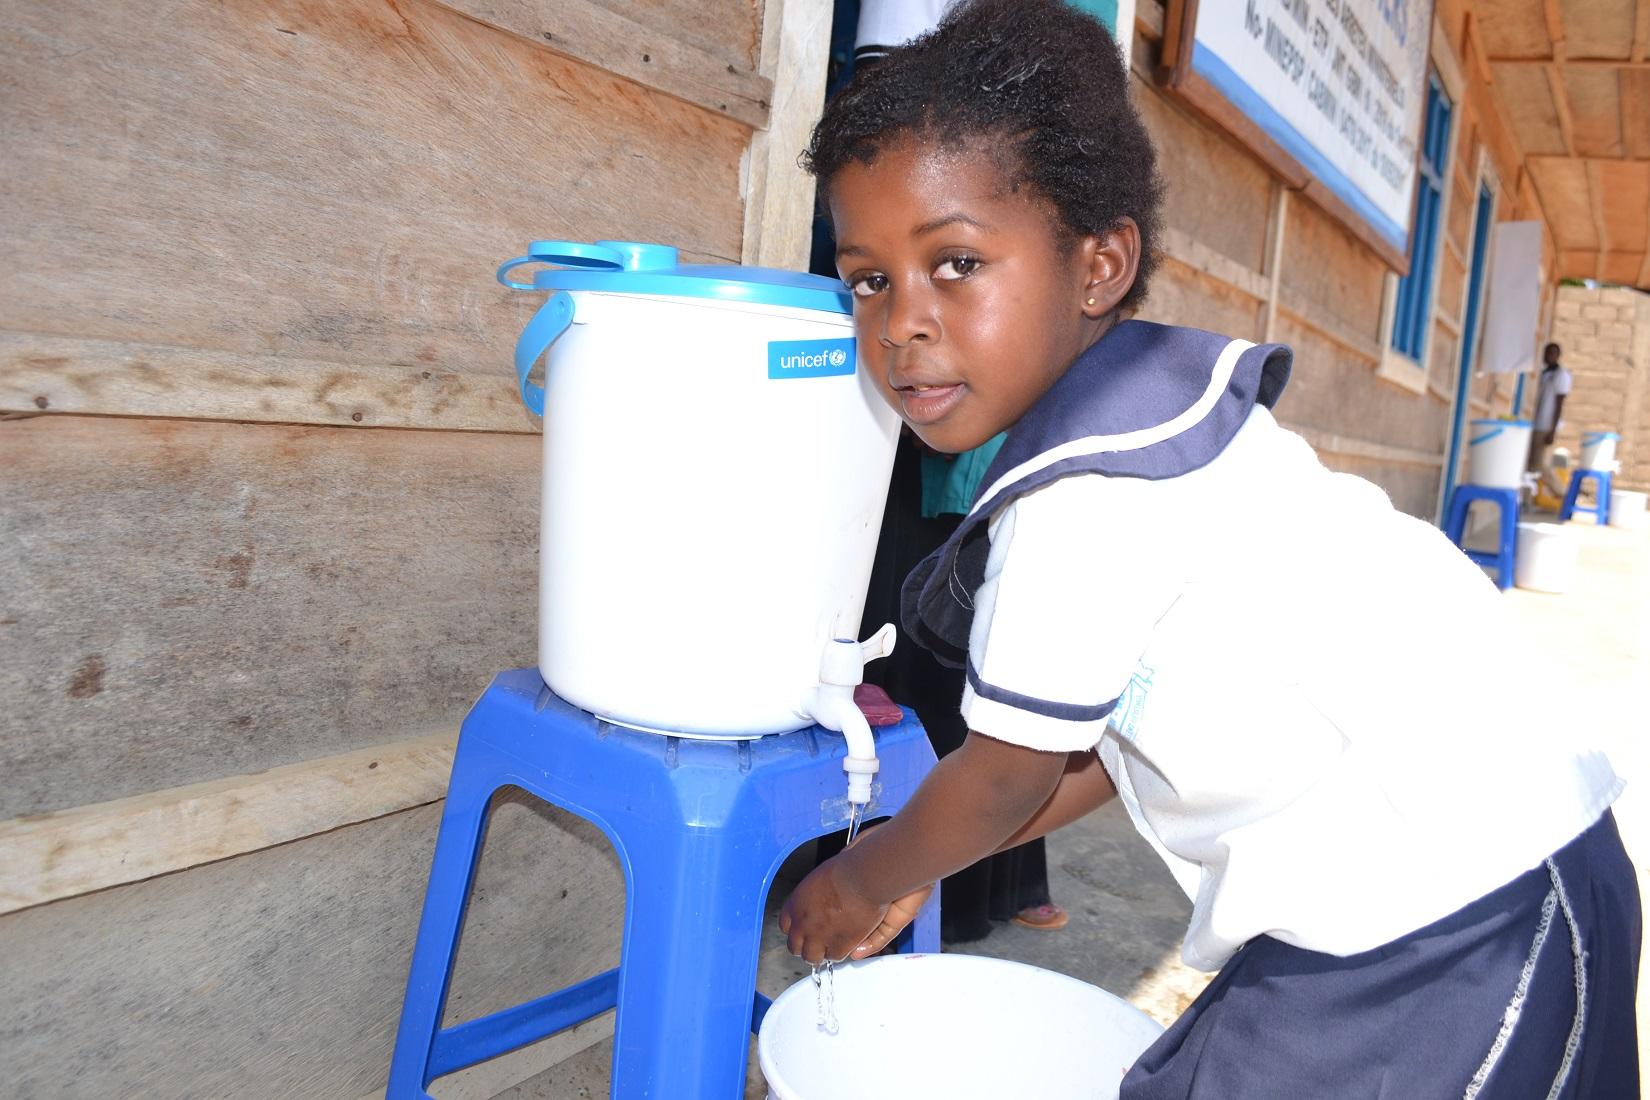 Le lavage des mains en période d'épidémie